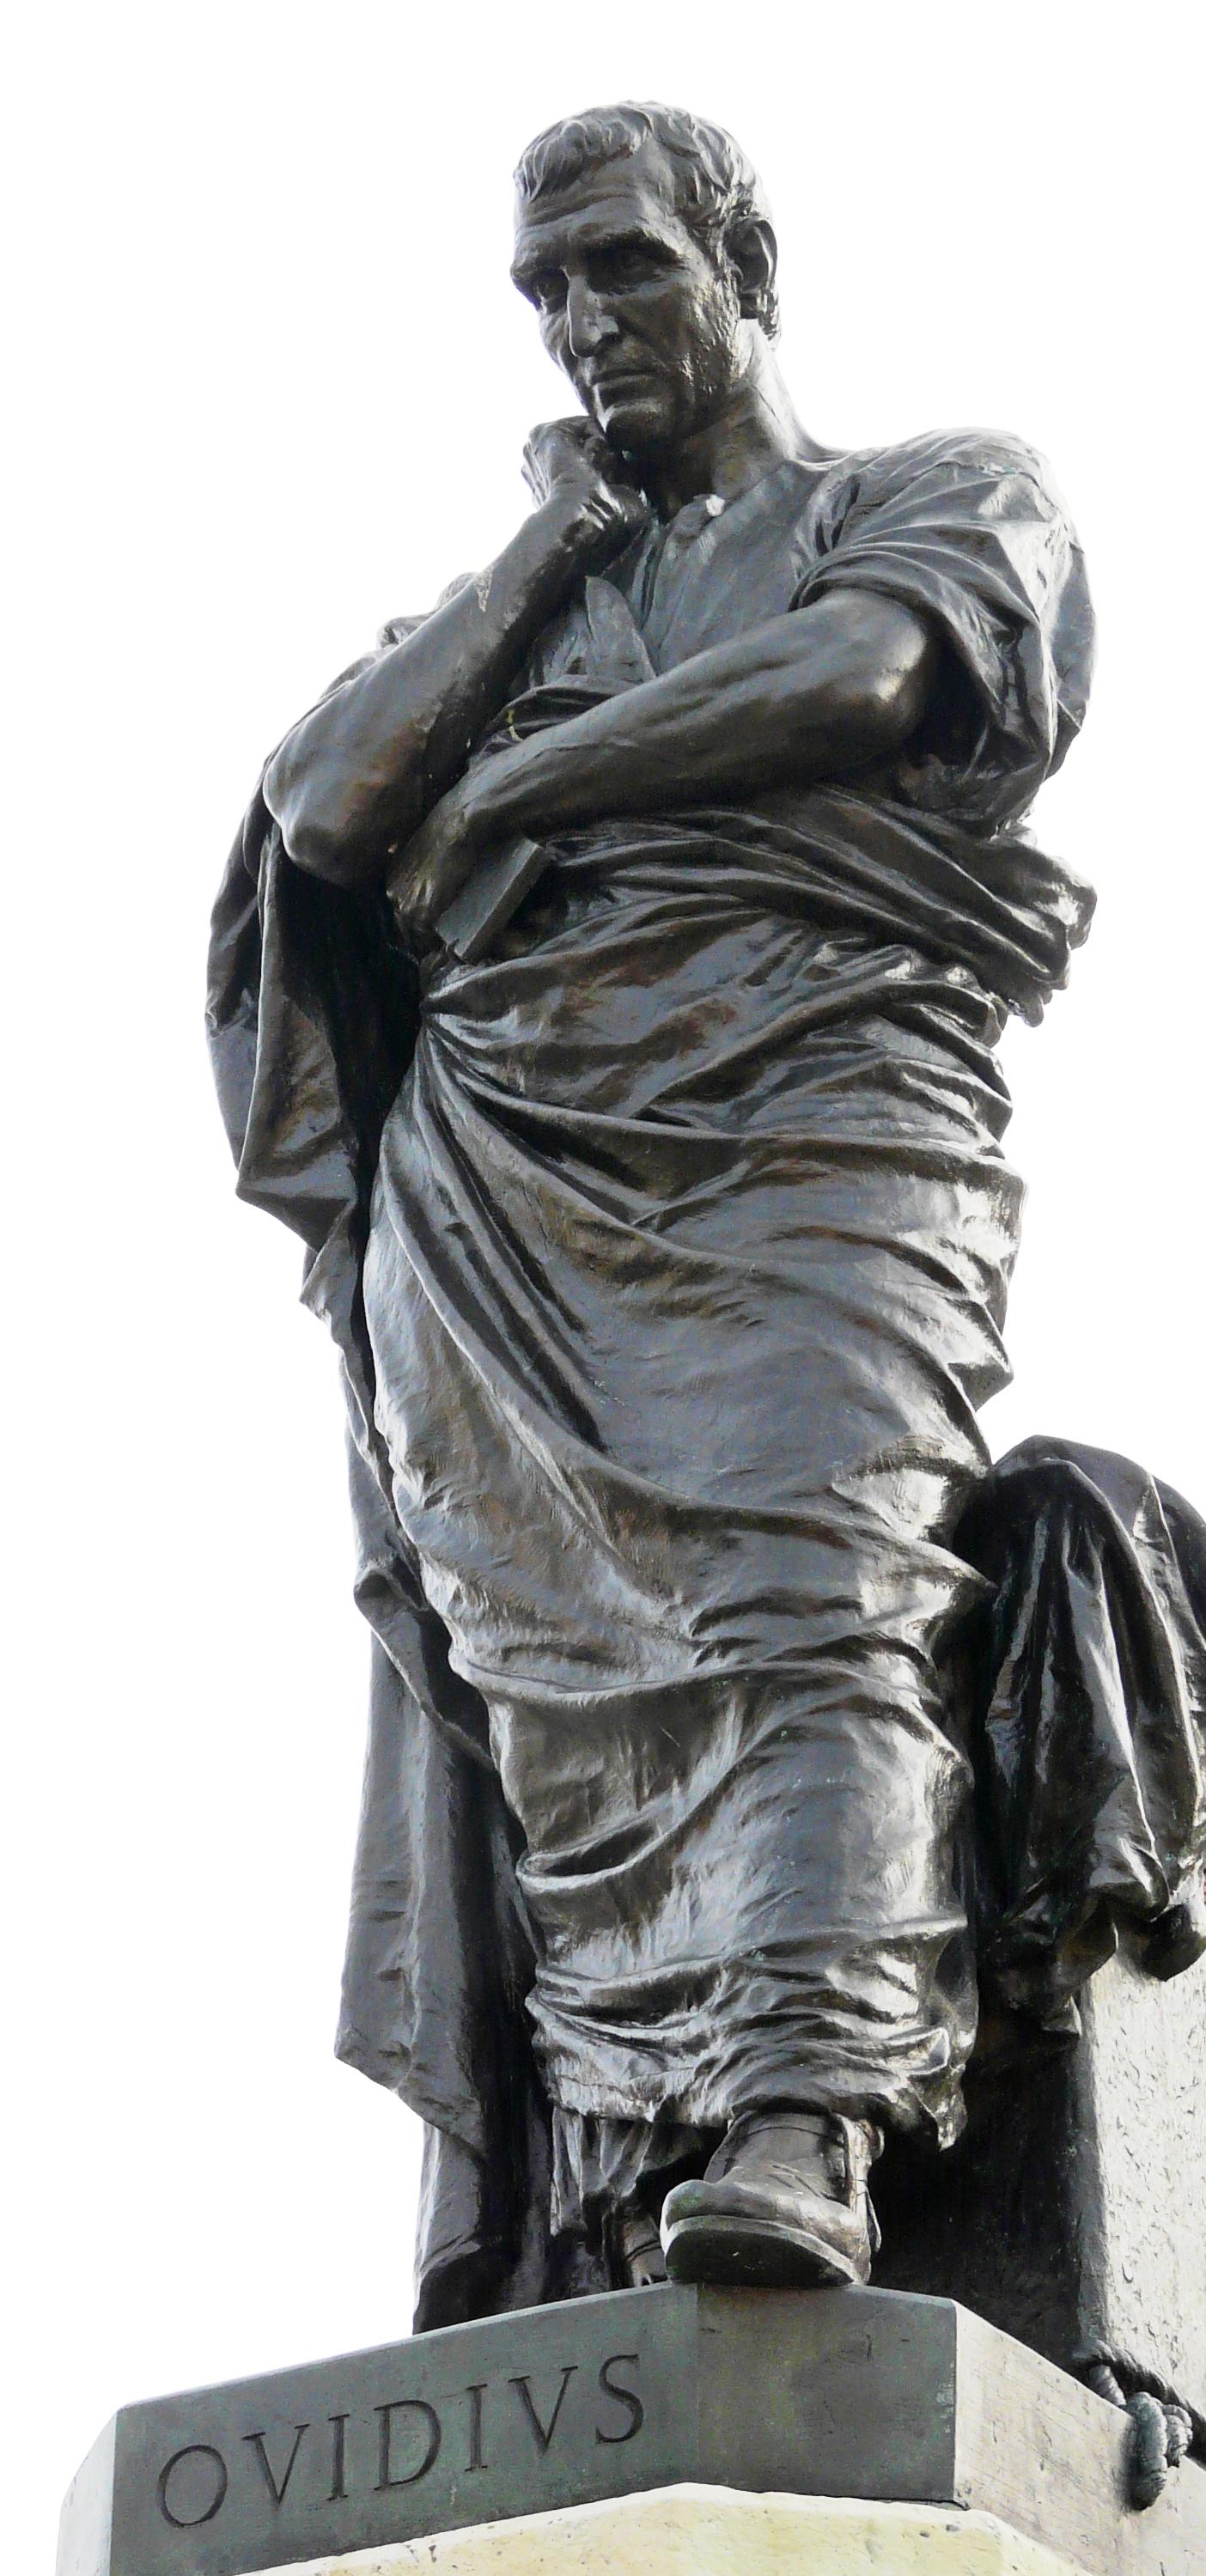 Patung Ovidius di Piața Ovidiu, Rumania. Sumber gambar: wikimedia.org